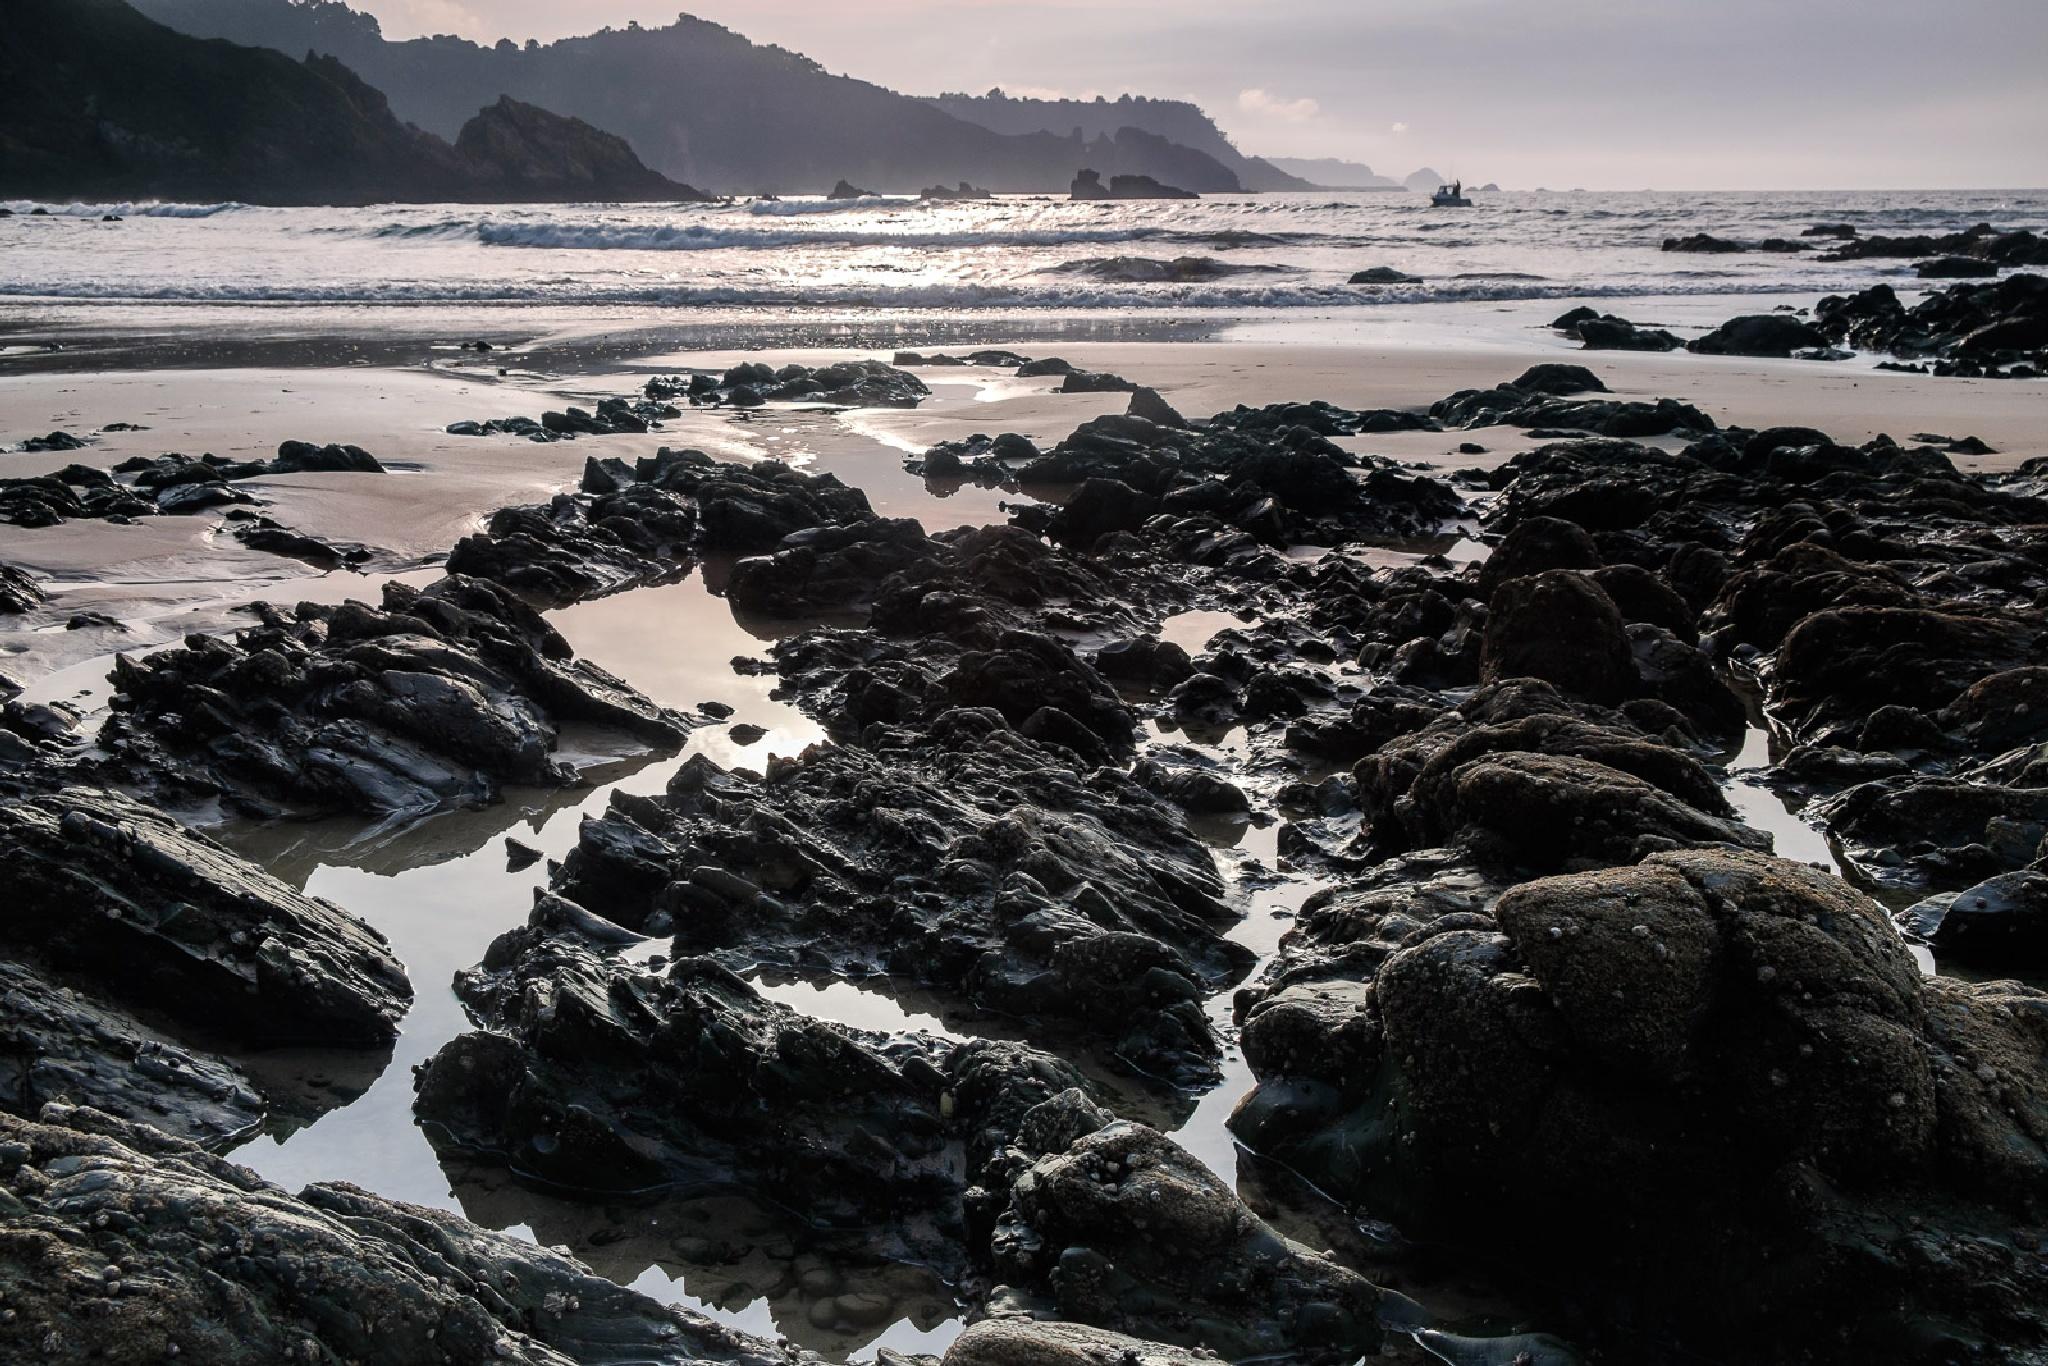 Mar y rocas by Mahandeep Singh